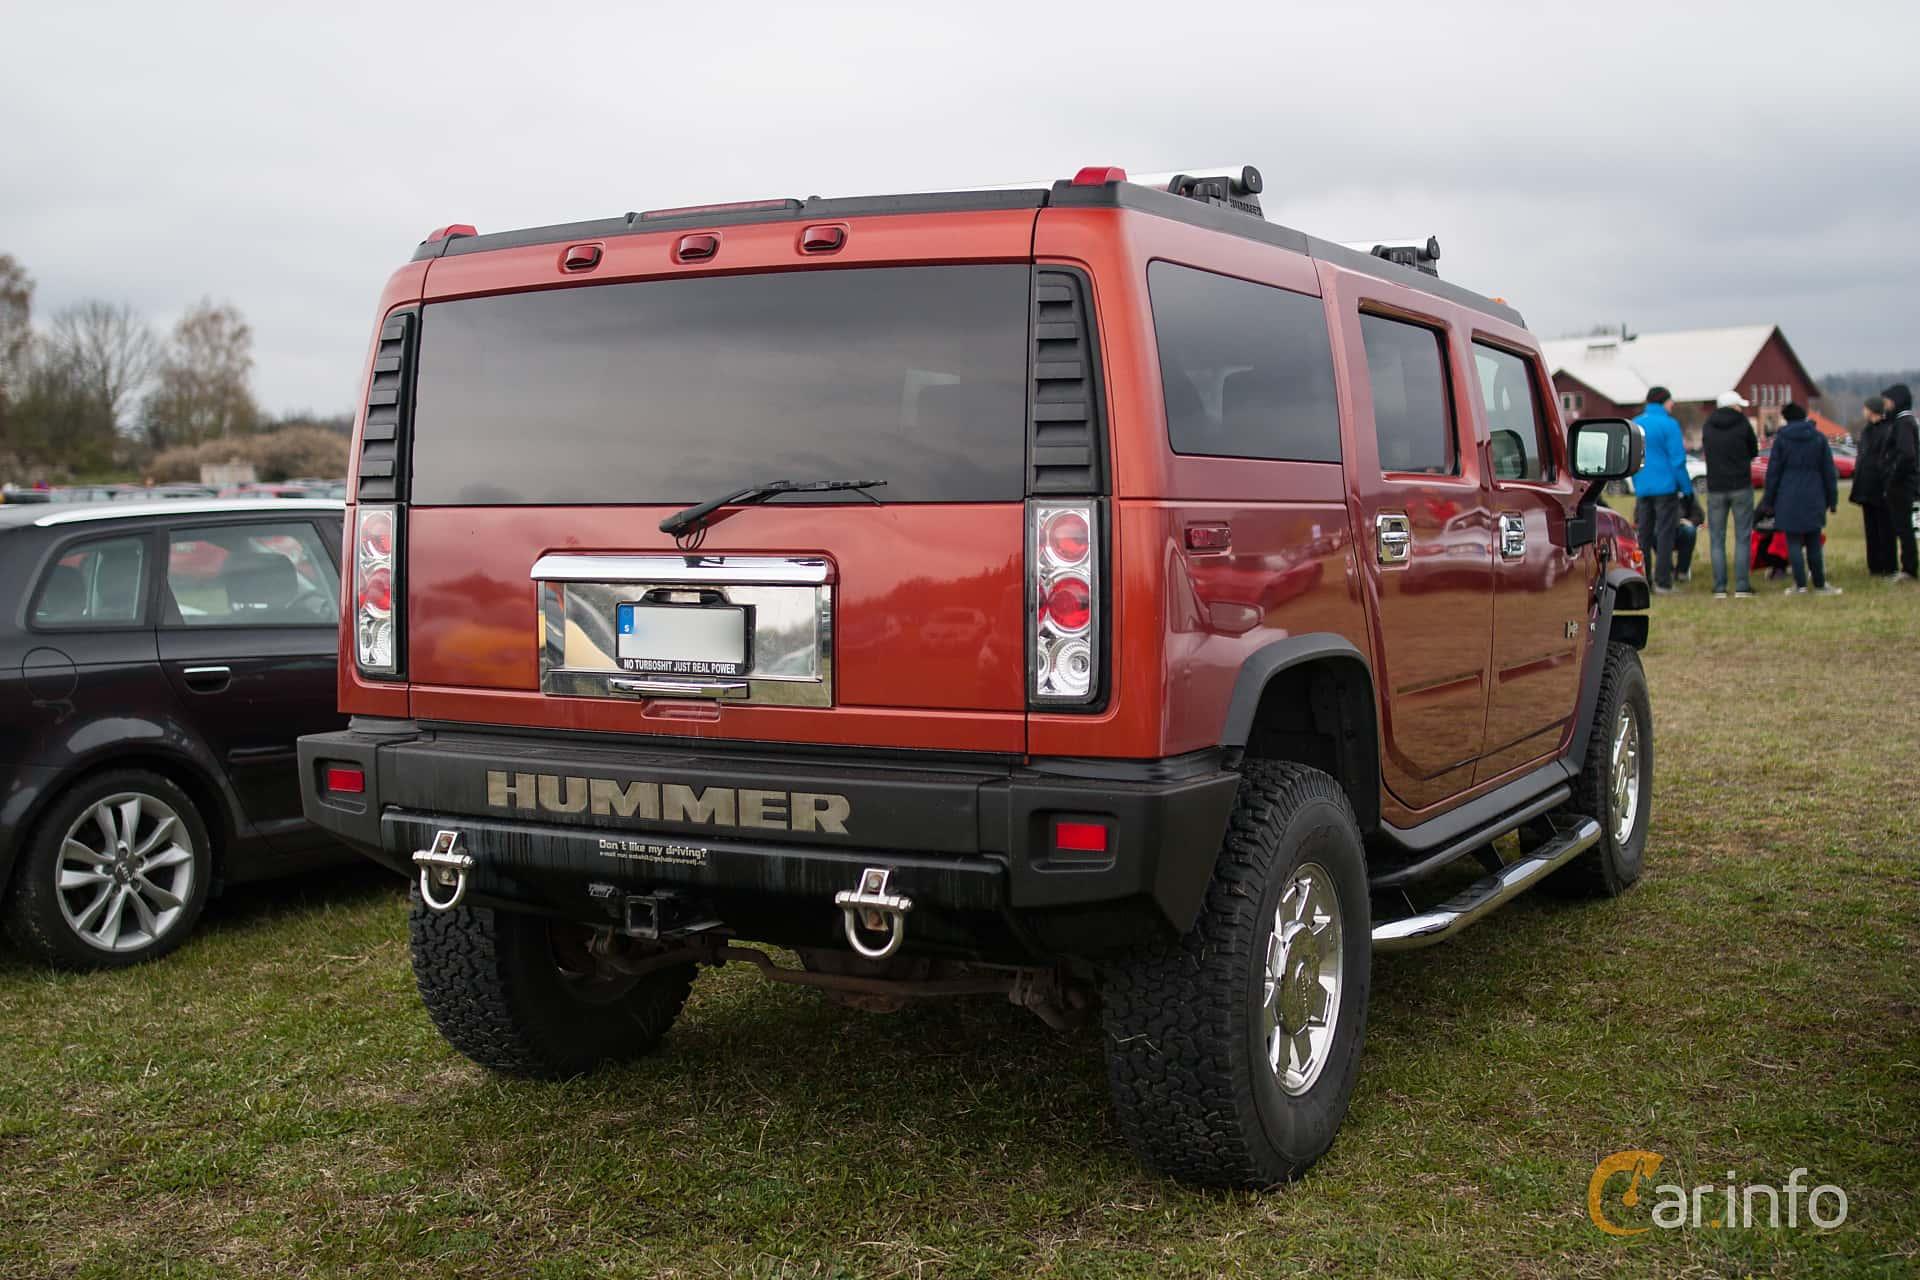 hummer car back side,